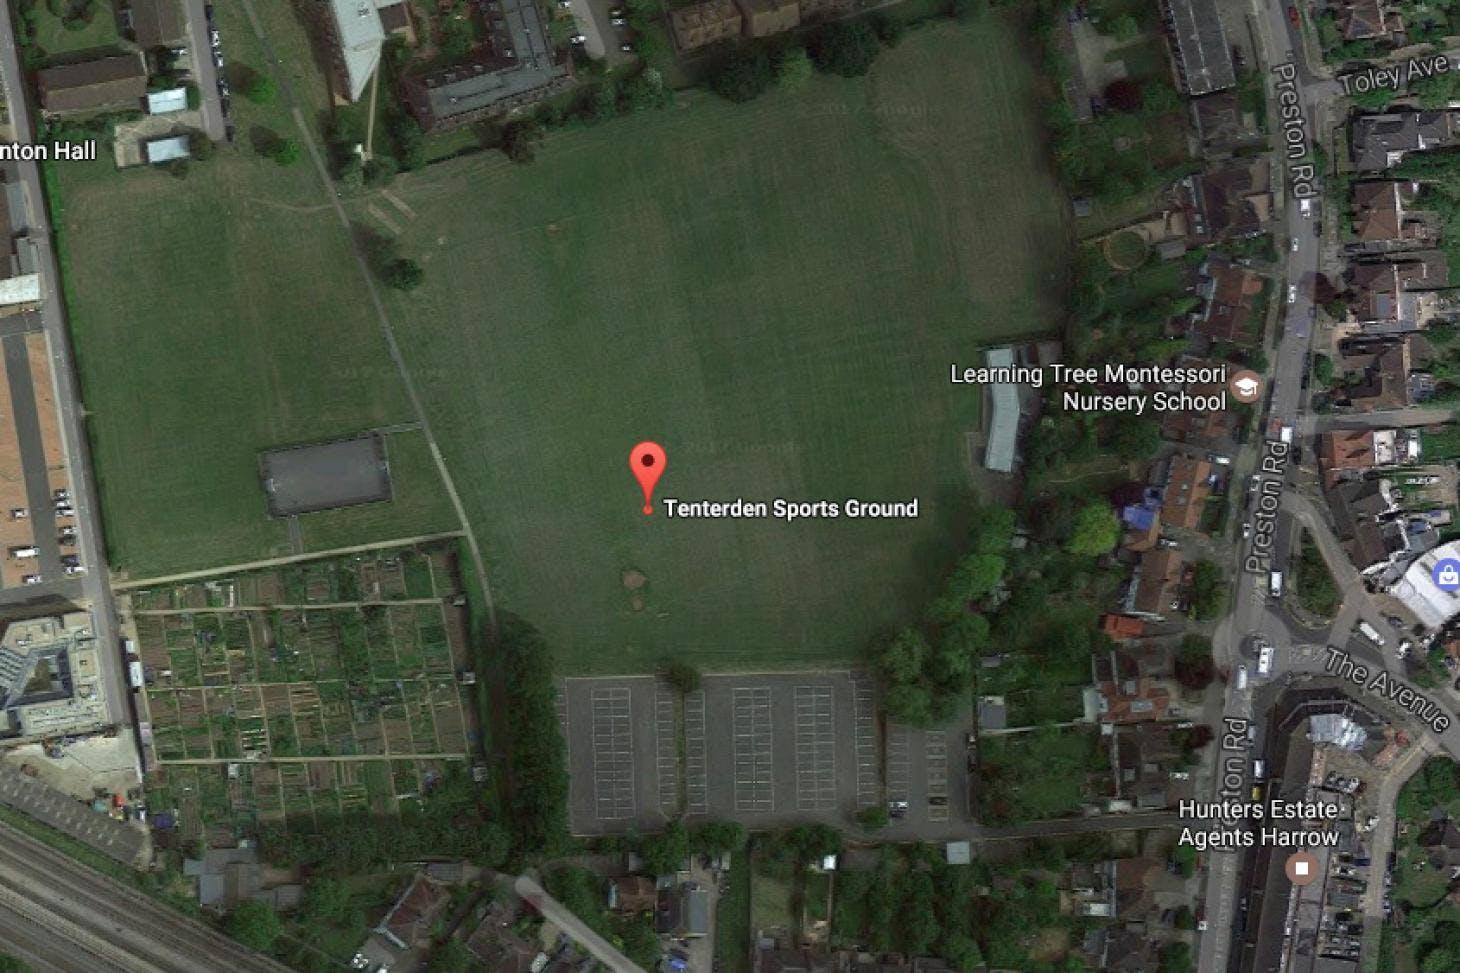 Tenterden Sports Ground 5 a side | Grass football pitch